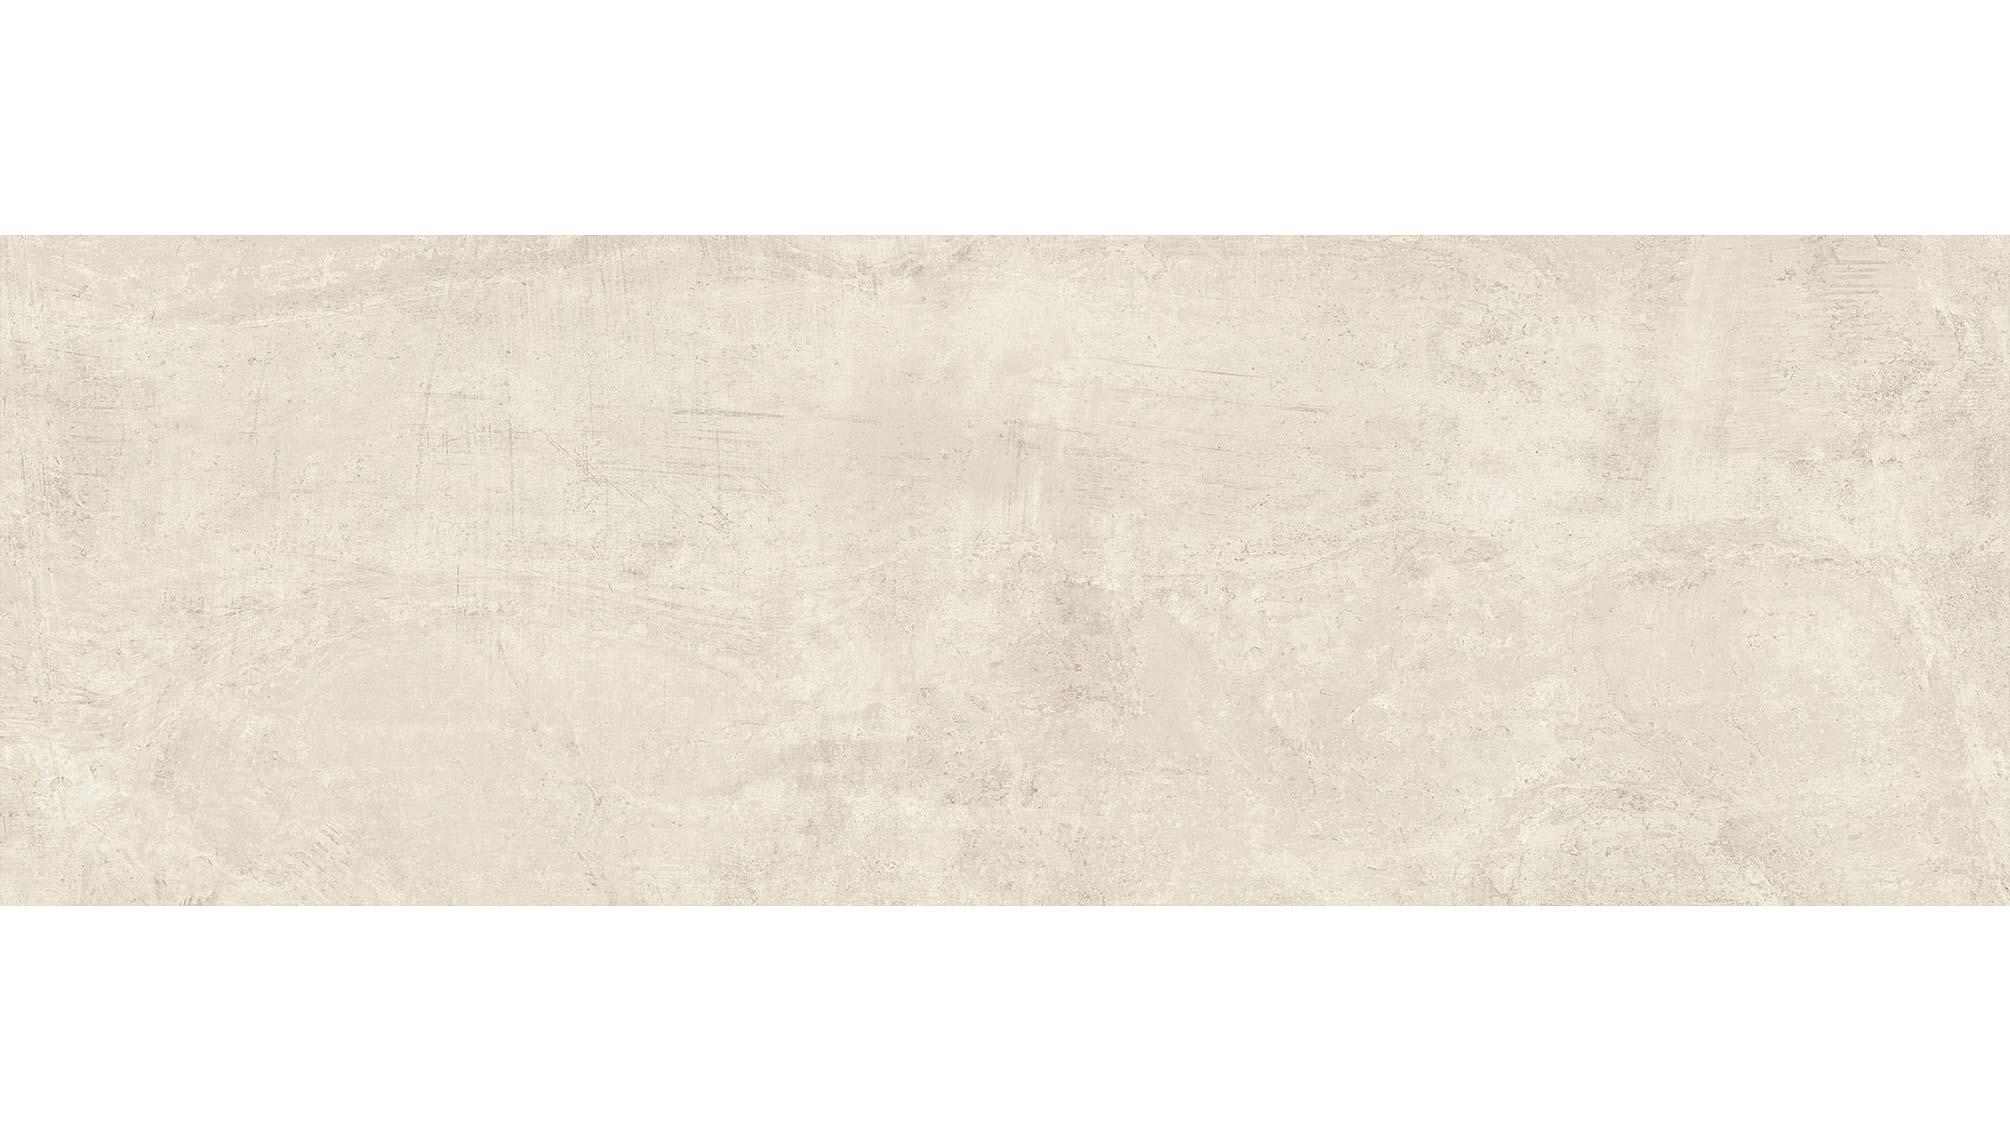 Urban Ivory ret 40x120 cm Fliese Baldocer